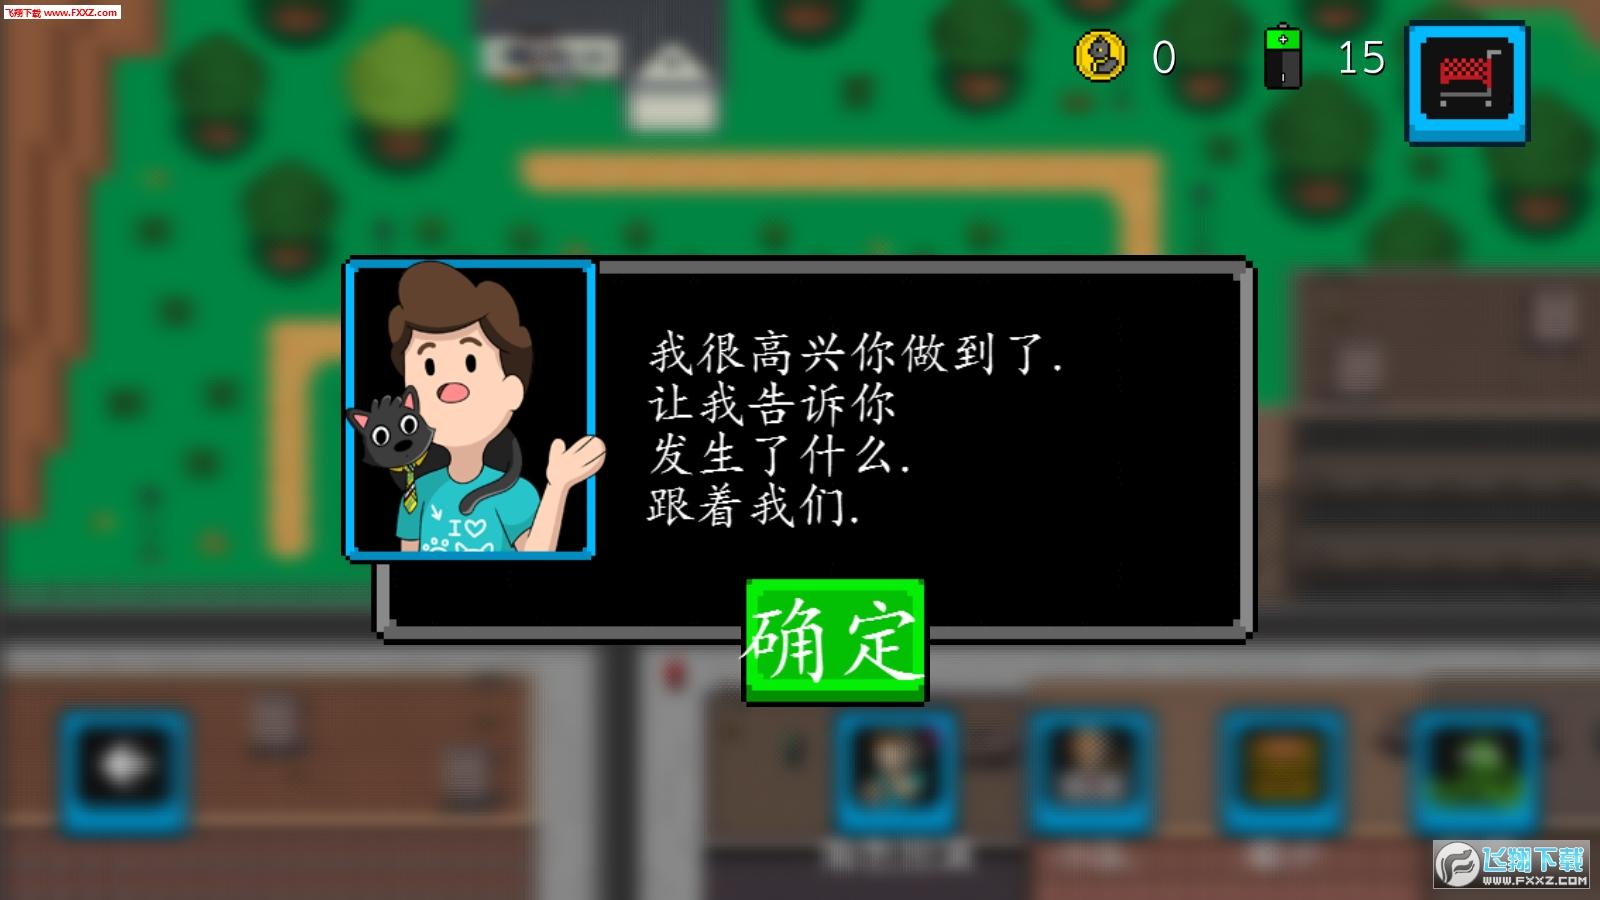 喵喵塔防中文版截图0